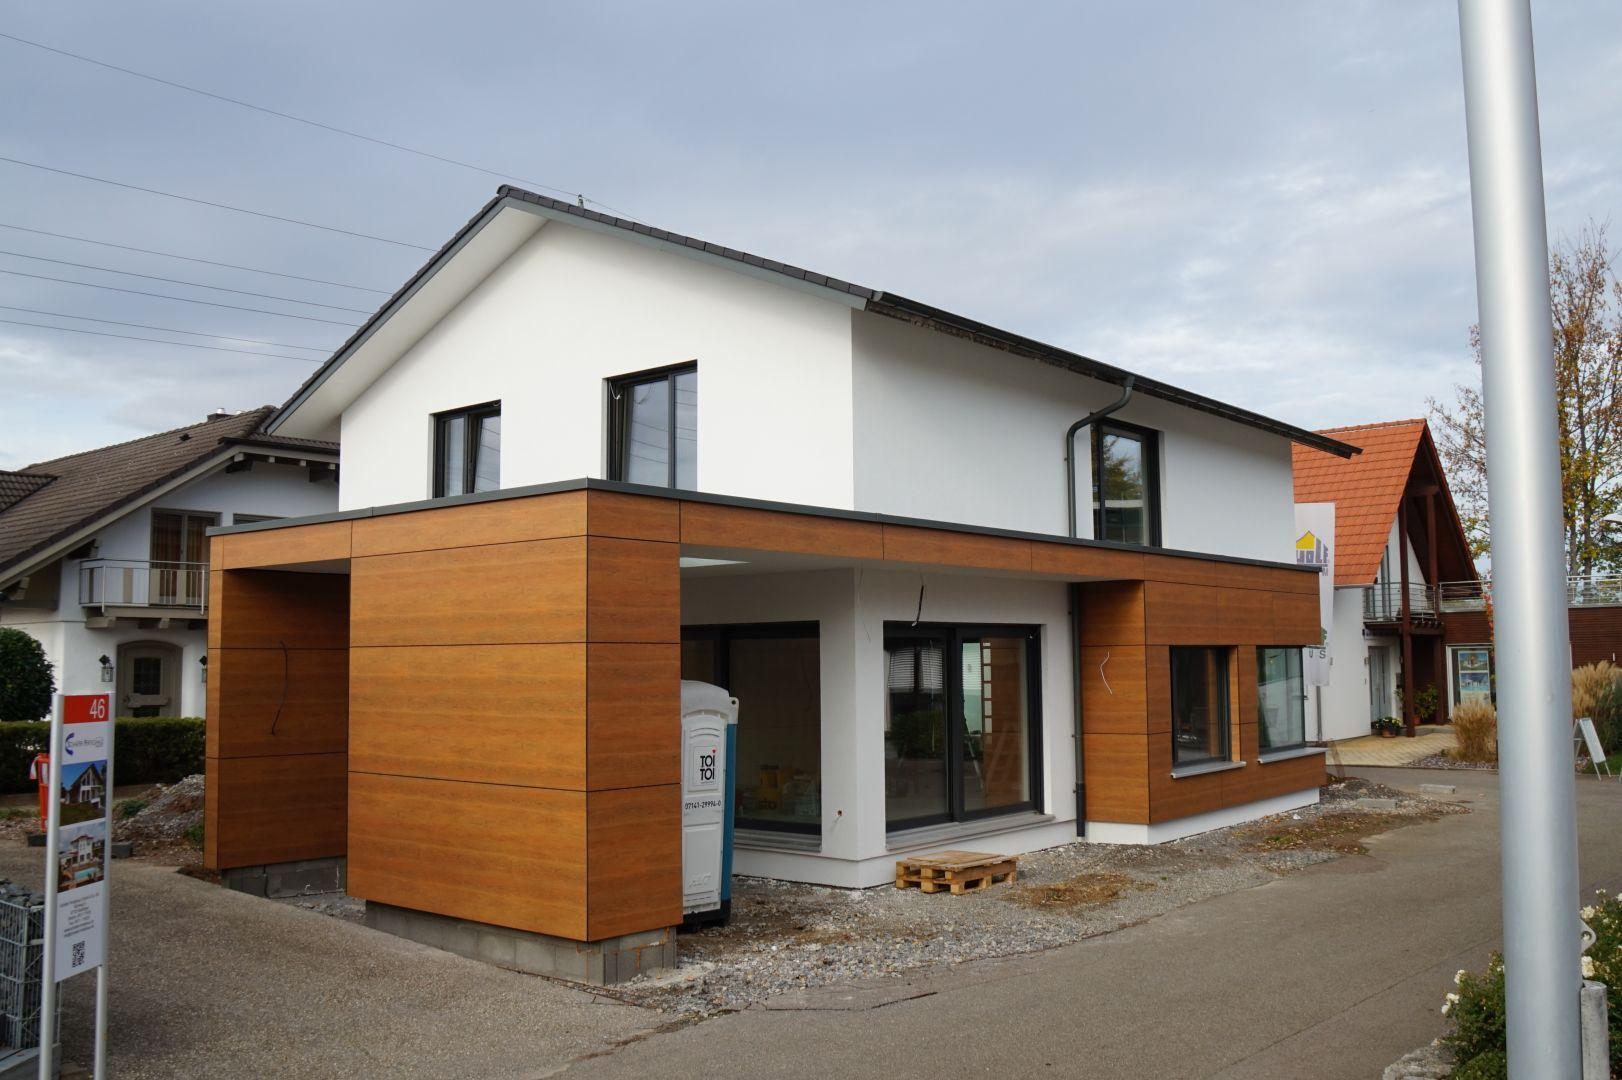 Bittermann & Weiss Holzhaus GmbH Haus, Holzhaus, Haus bauen